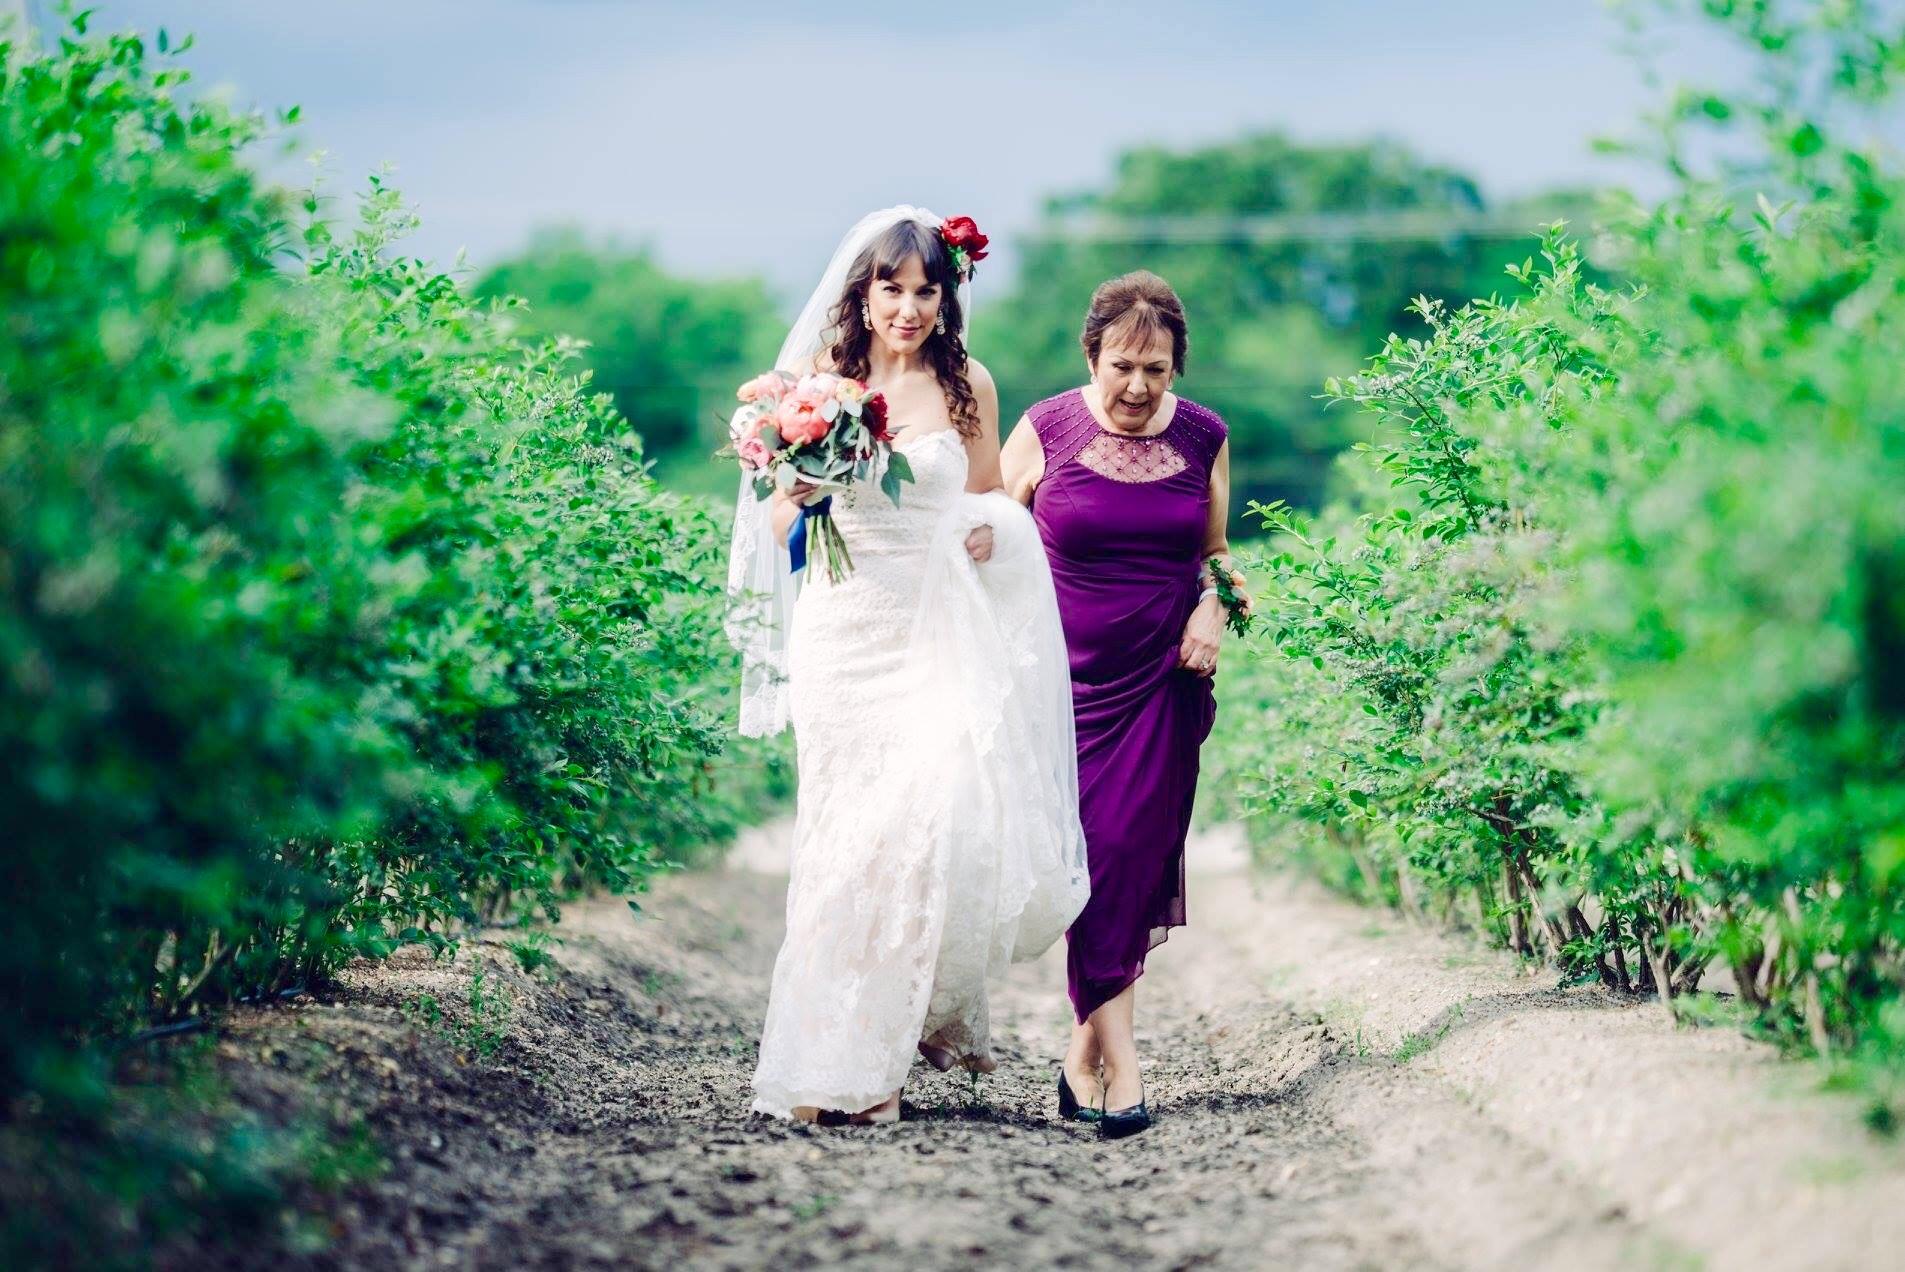 Blueberry Farm Weddings in New Jersey.jpg